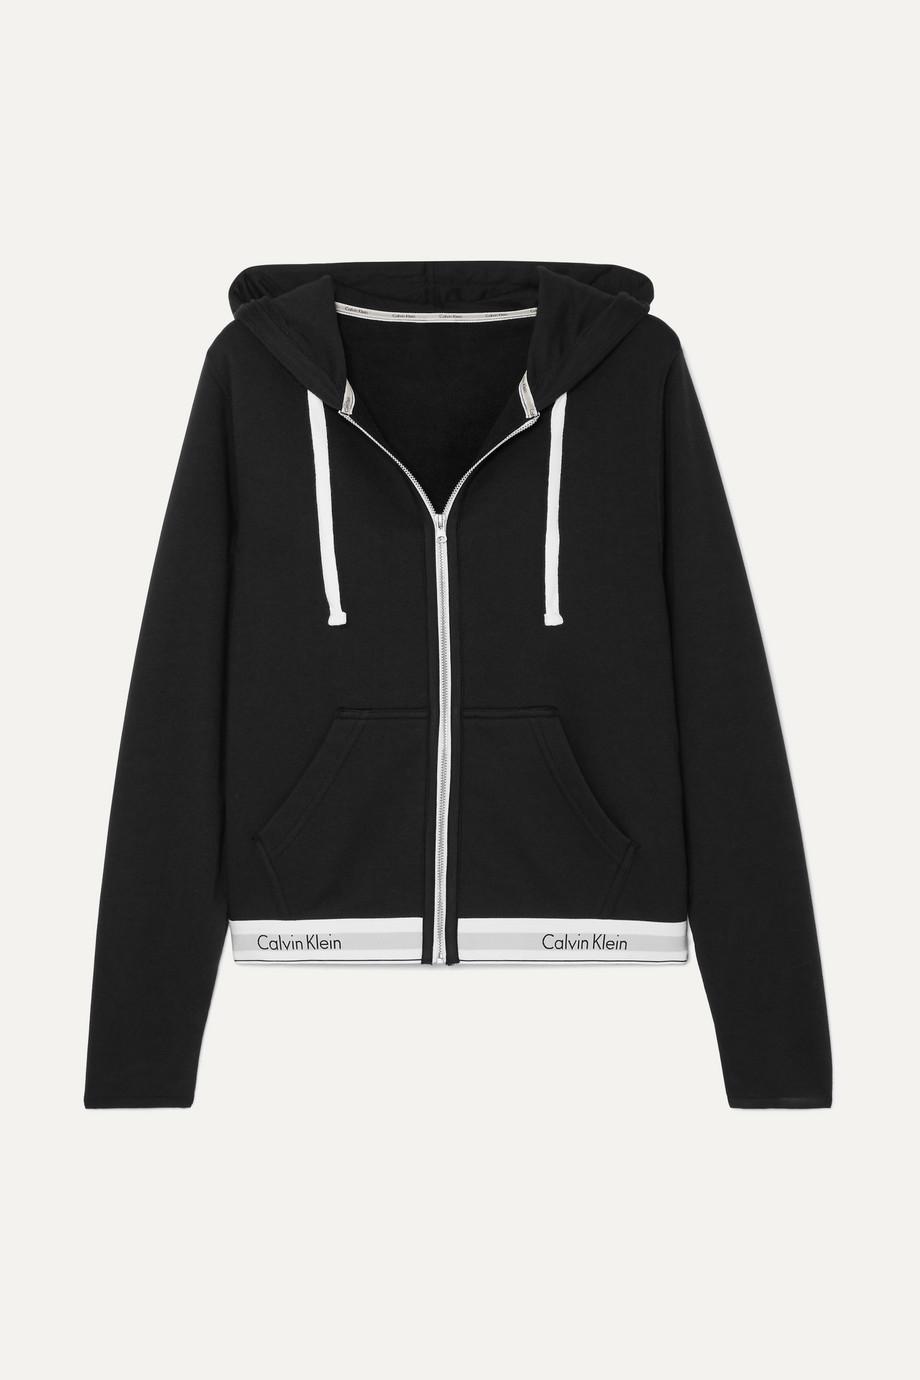 Calvin Klein Underwear 棉质混纺平纹布帽衫